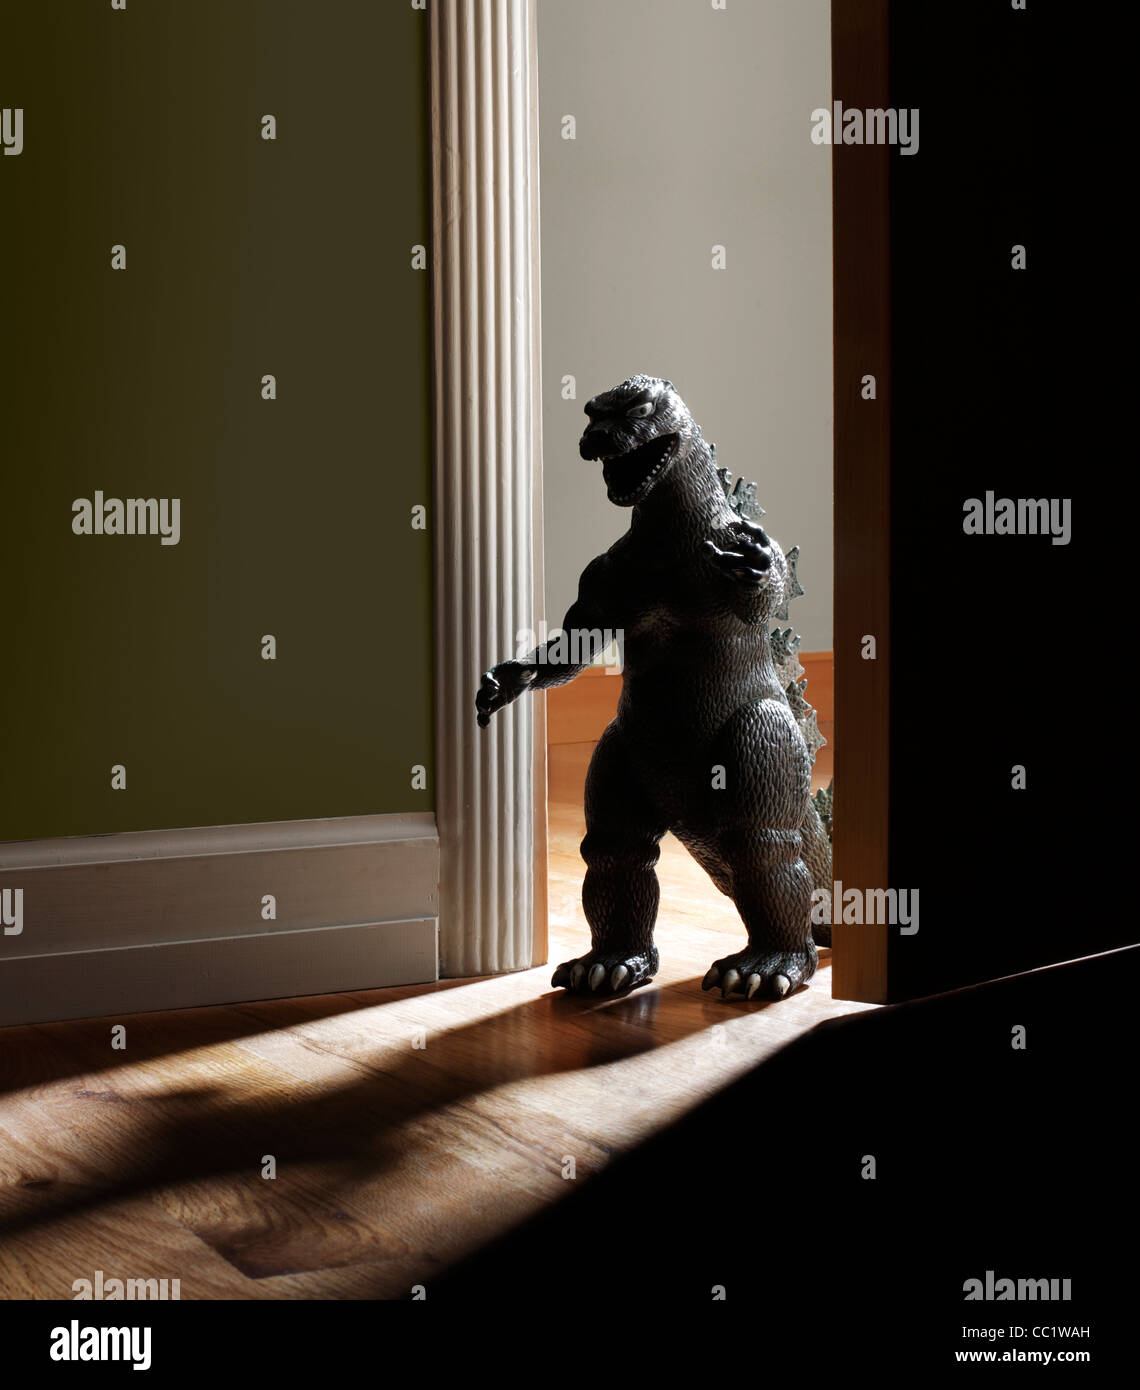 Spielzeug-Monster in Tür Stockbild